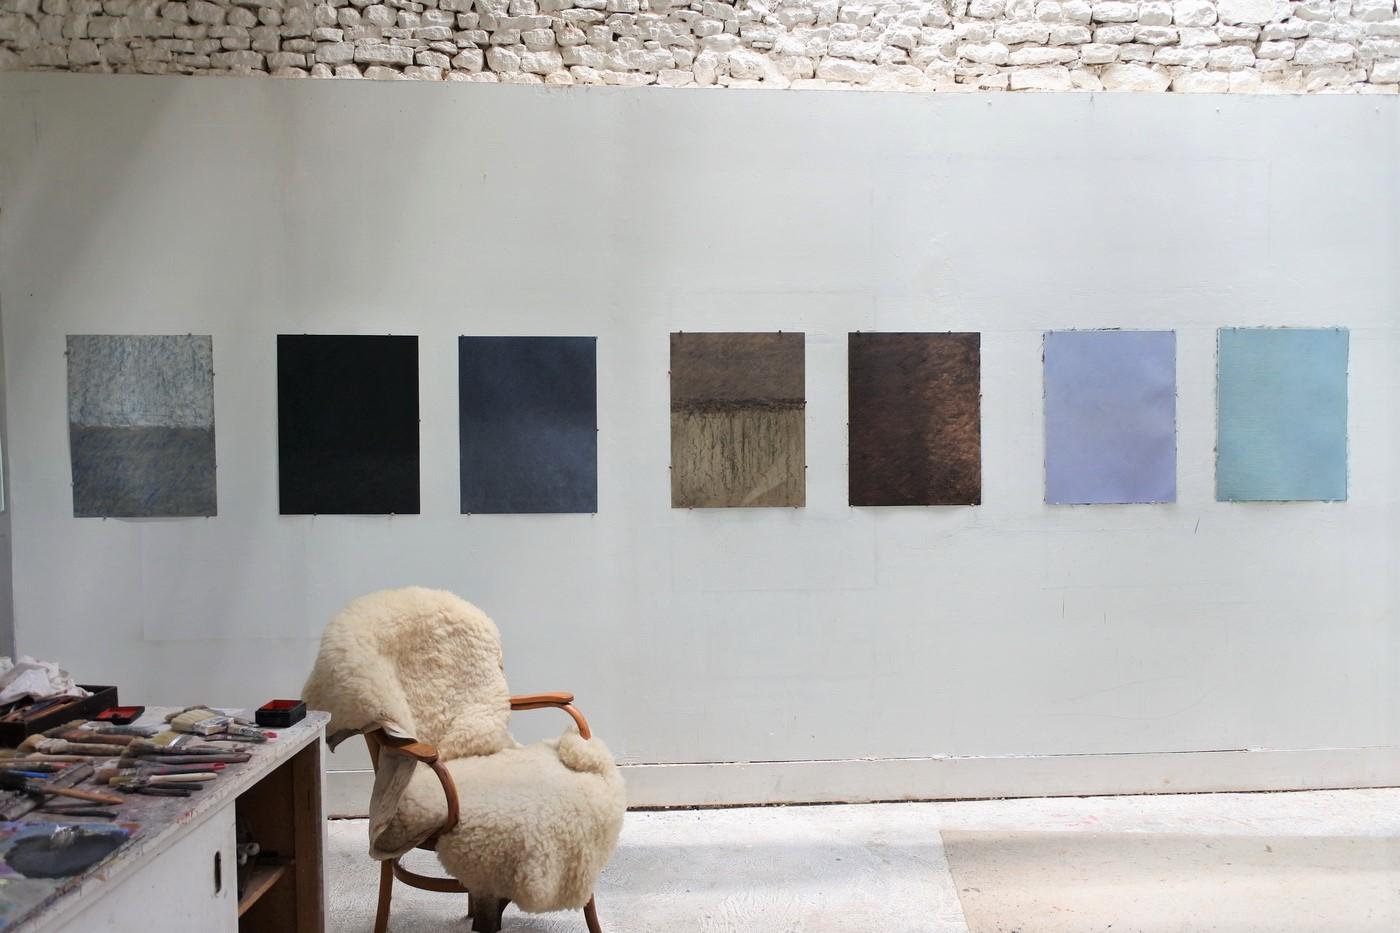 Huiles sur papier, 2020. 65 x 50 cm